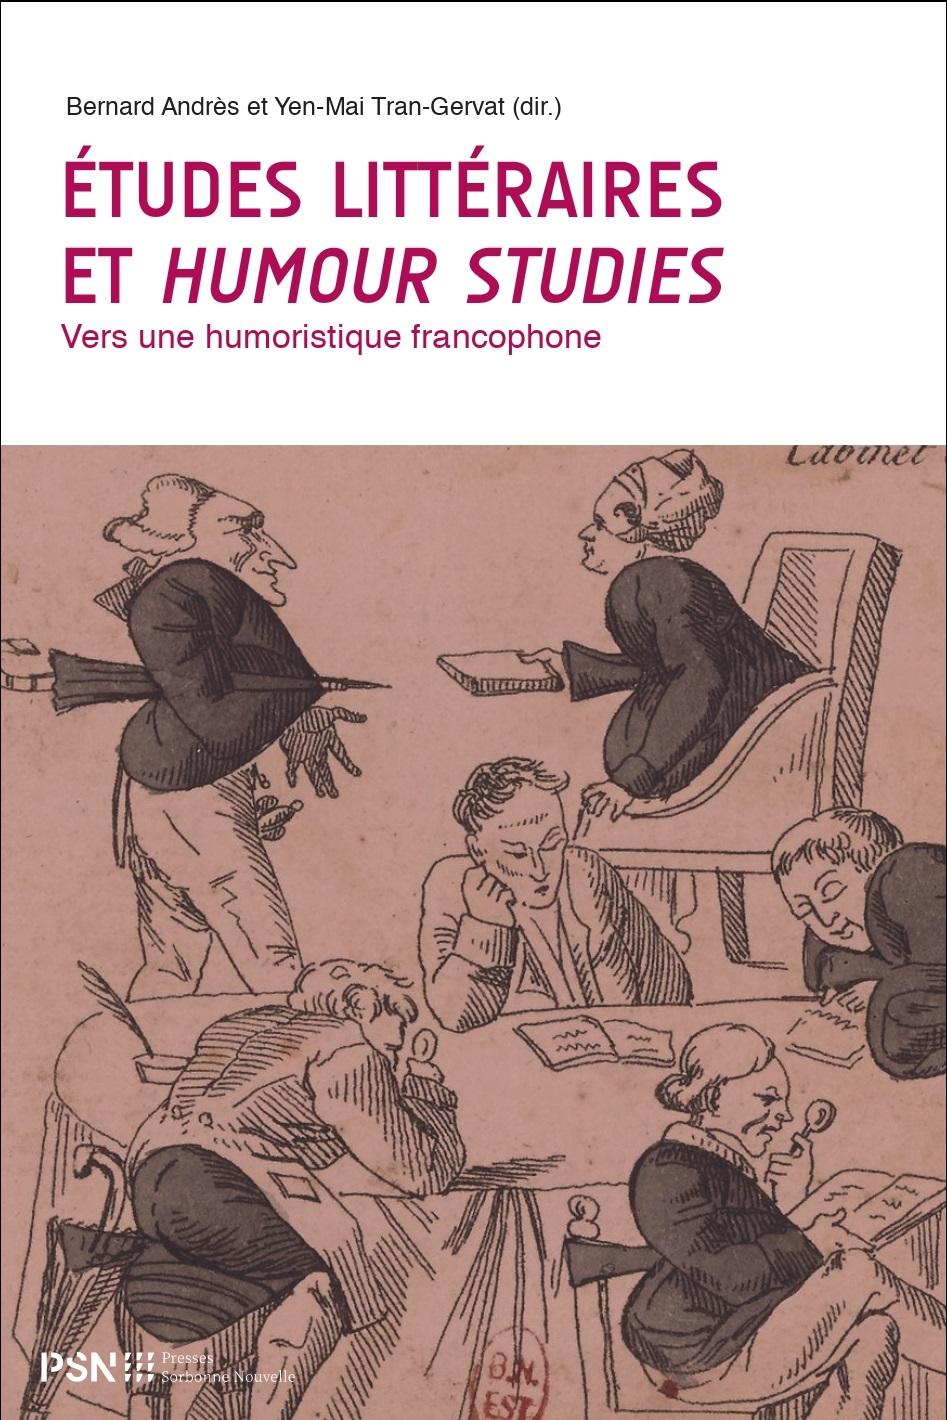 B. Andrès, Y.-M. Tran-Gervat (dir.), Études littéraires et Humour Studies. Vers une humoristique francophone